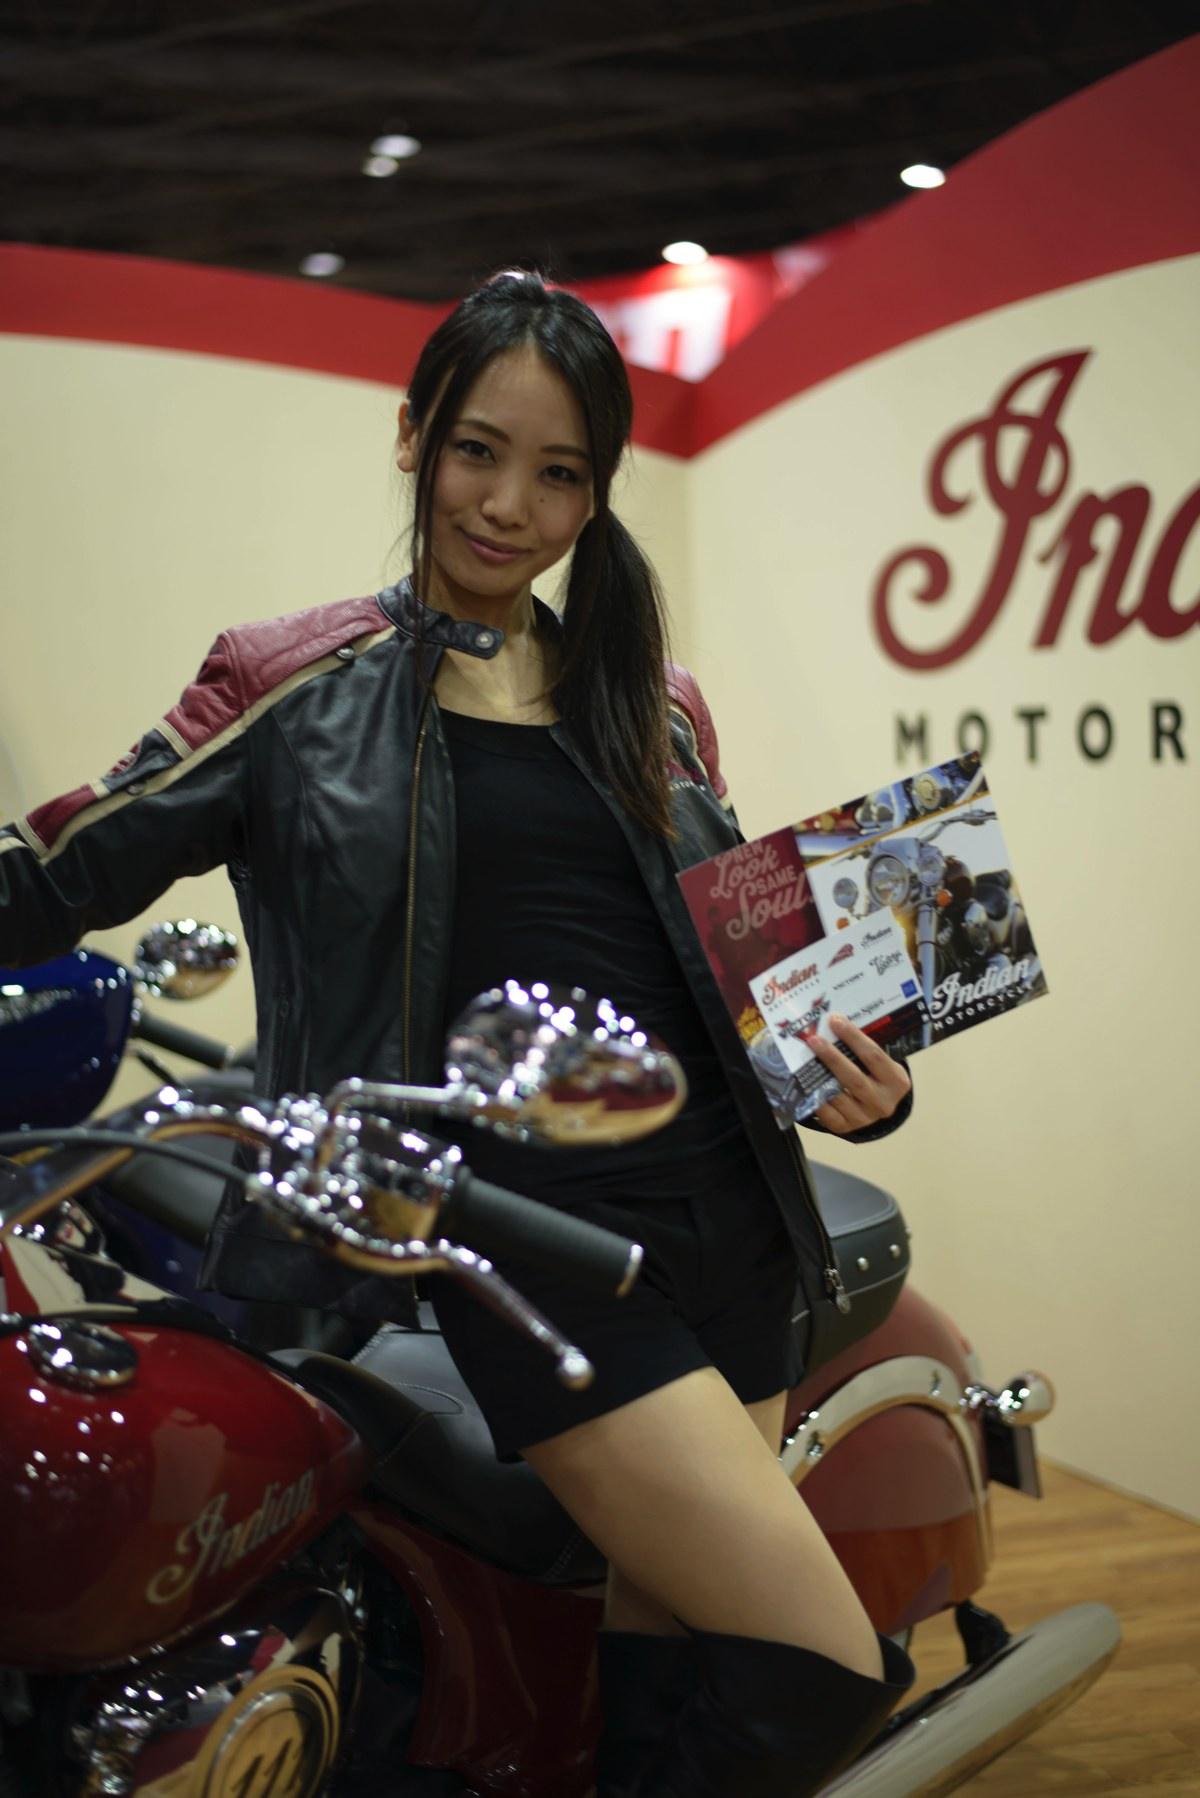 大阪モーターサイクルショー2014コンパニオン画像2